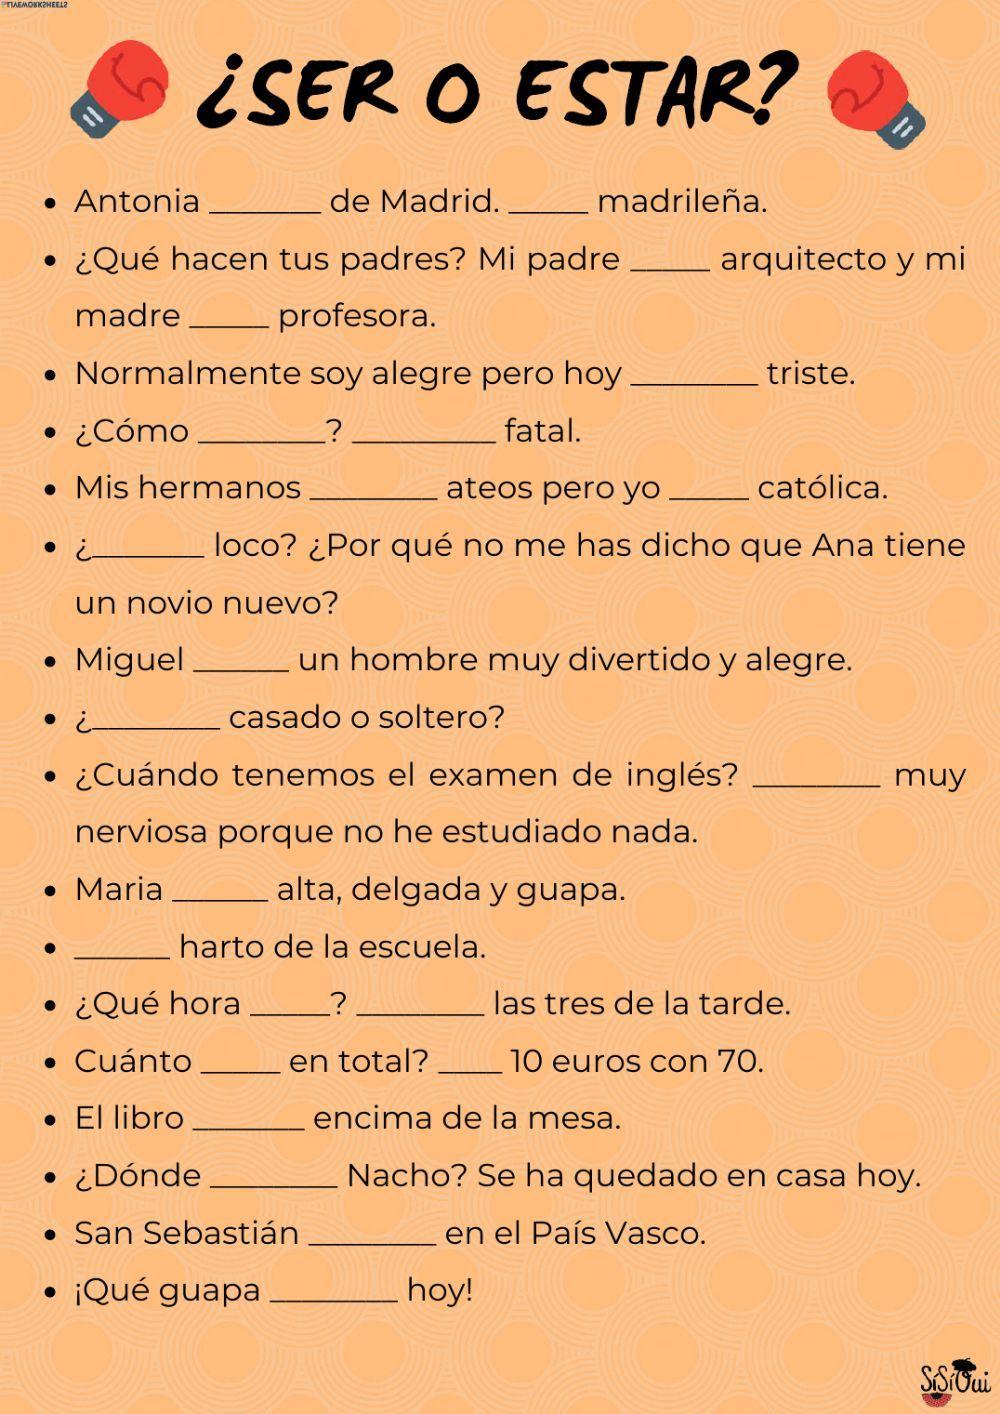 Ser o estar Español como Lengua Extranjera (ELE) worksheet